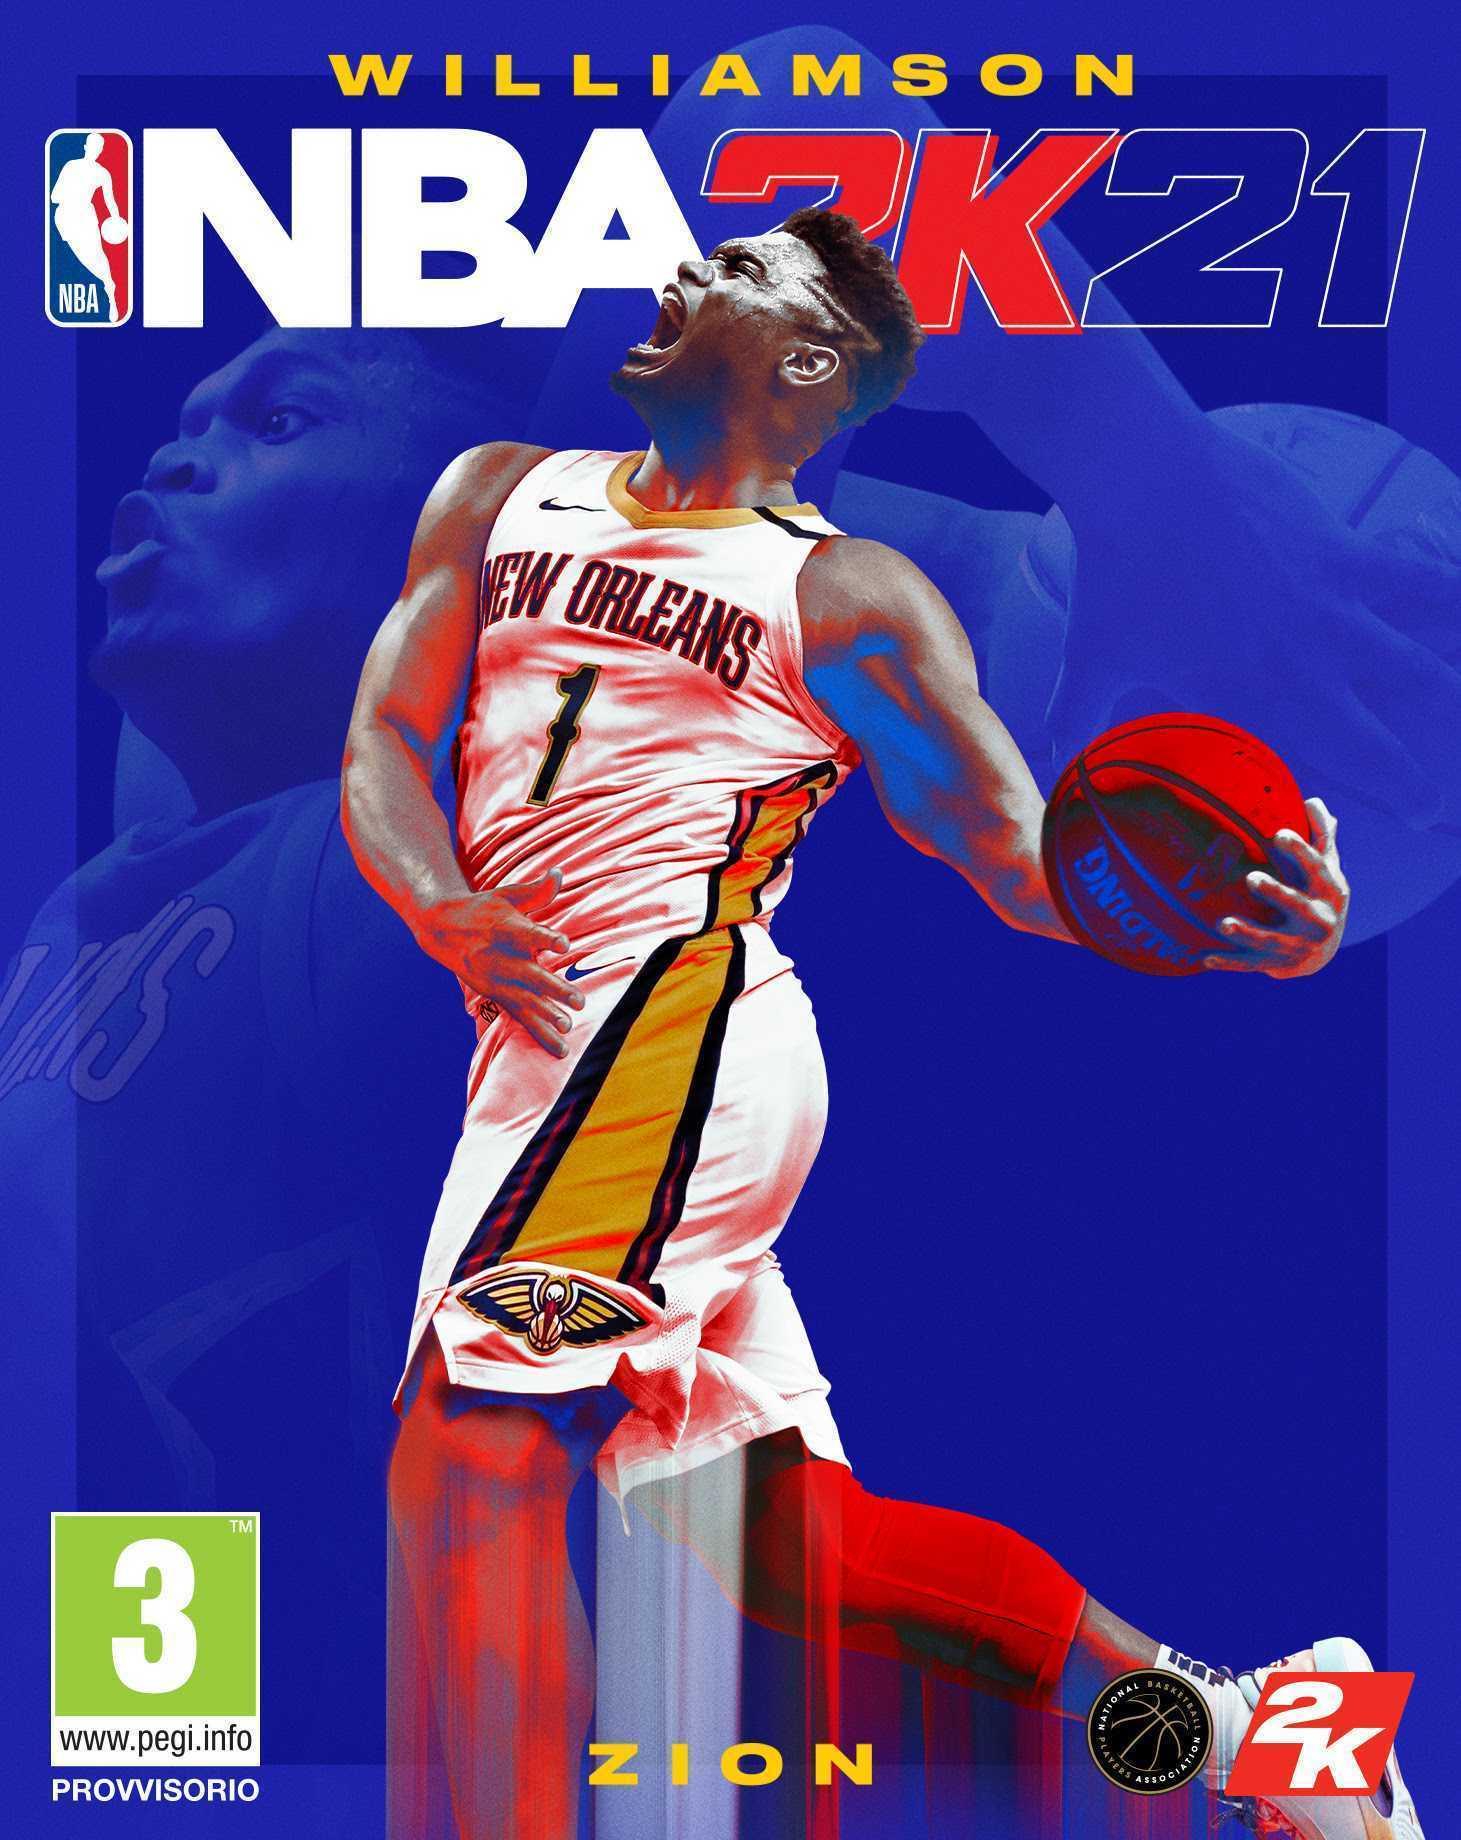 NBA 2K21: Zion Williamson è il secondo uomo copertina!